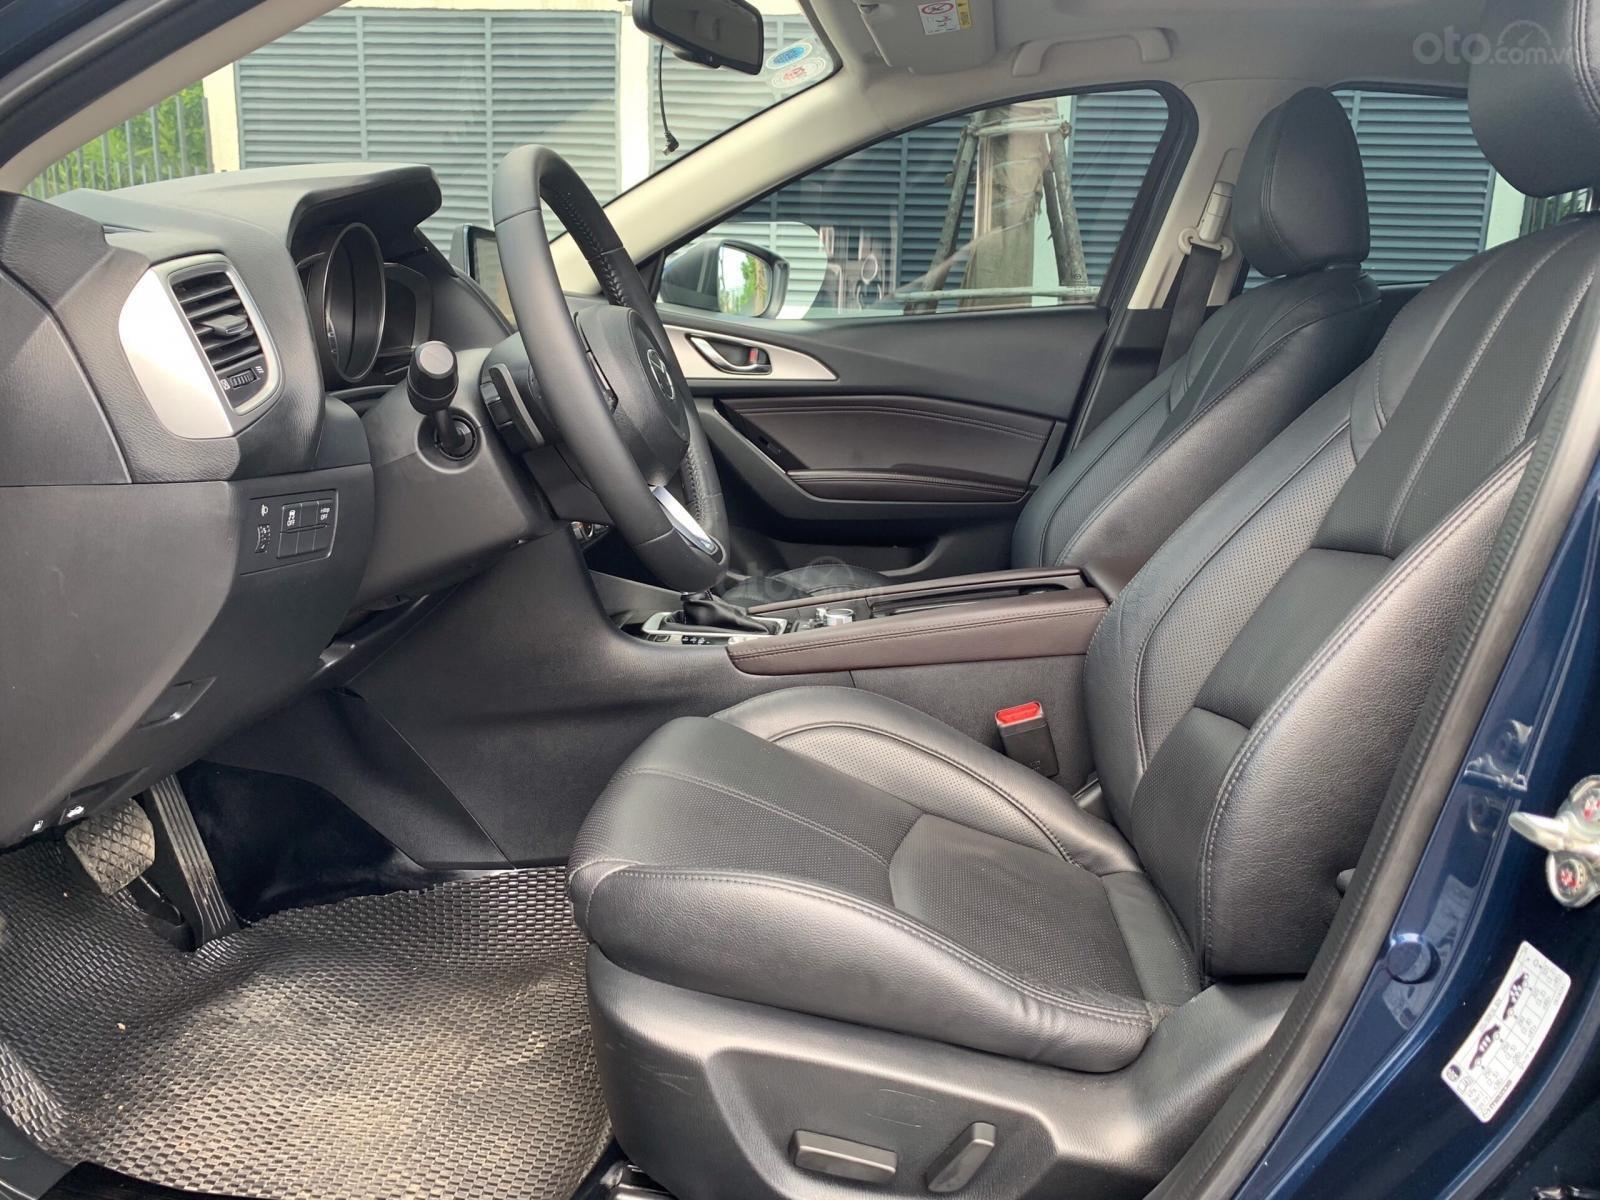 Bán gấp chiếc Mazda 3 màu xanh lam đời 2019, giá cực ưu đãi (6)